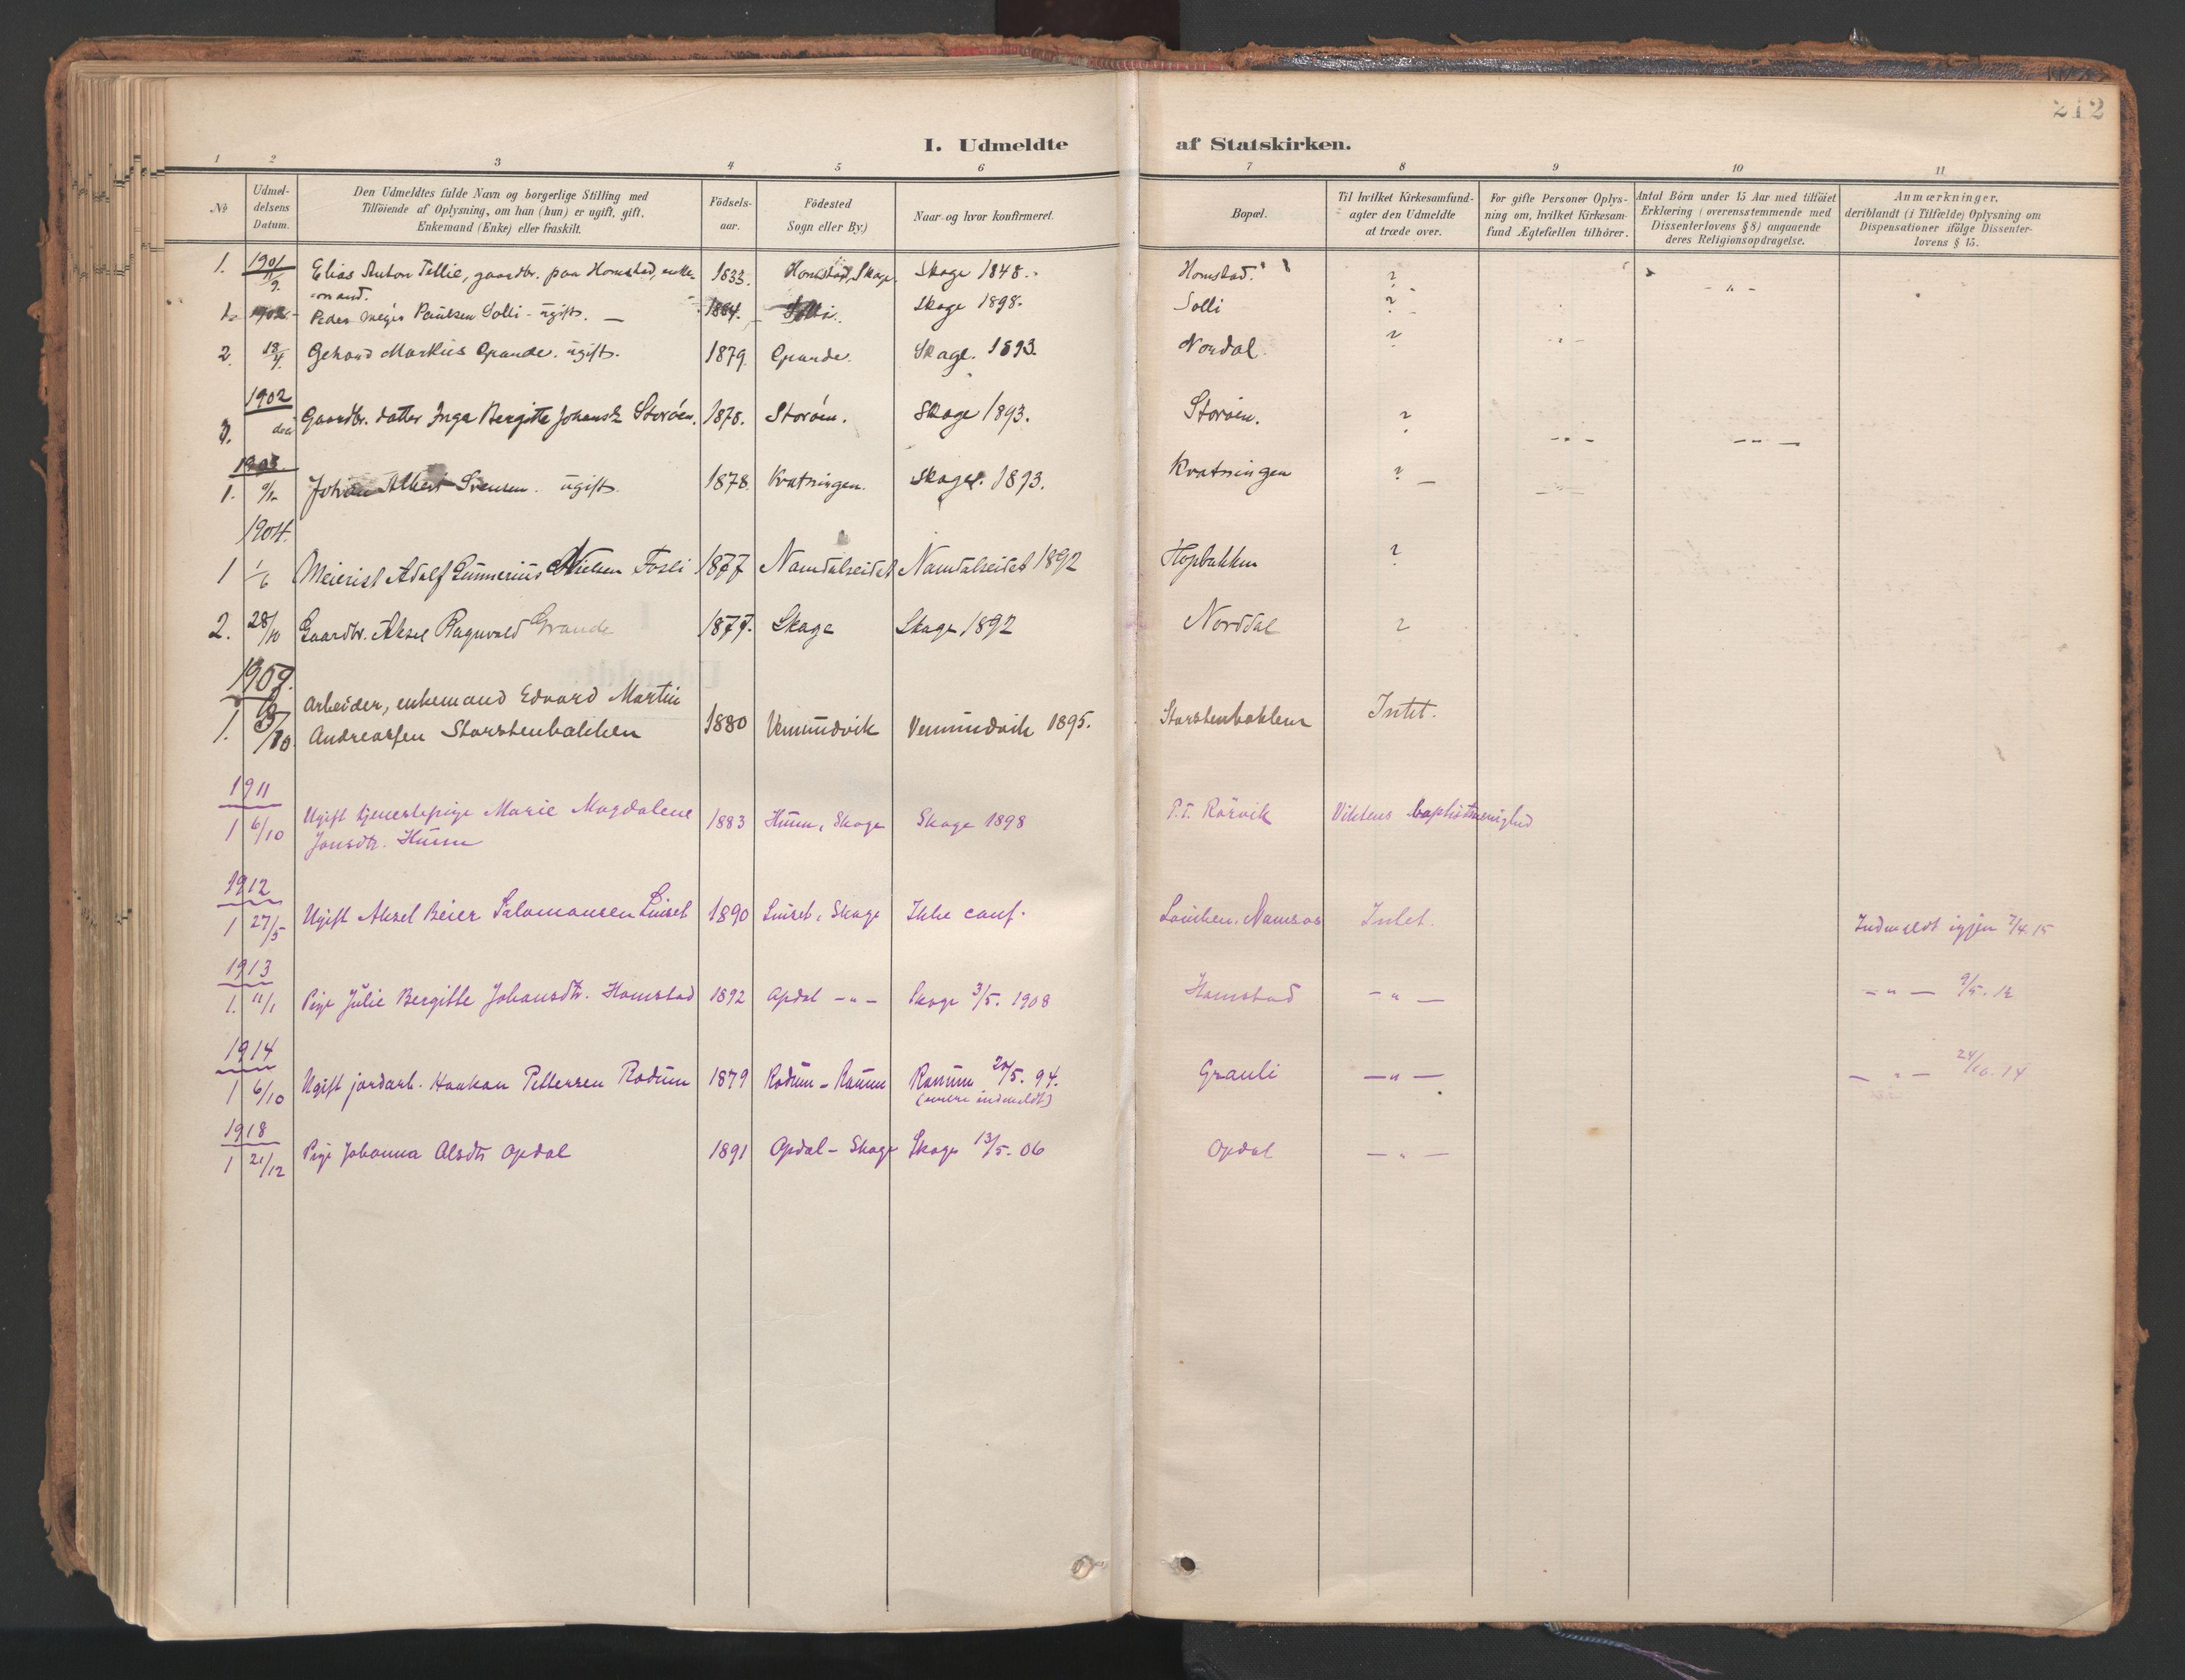 SAT, Ministerialprotokoller, klokkerbøker og fødselsregistre - Nord-Trøndelag, 766/L0564: Ministerialbok nr. 767A02, 1900-1932, s. 212